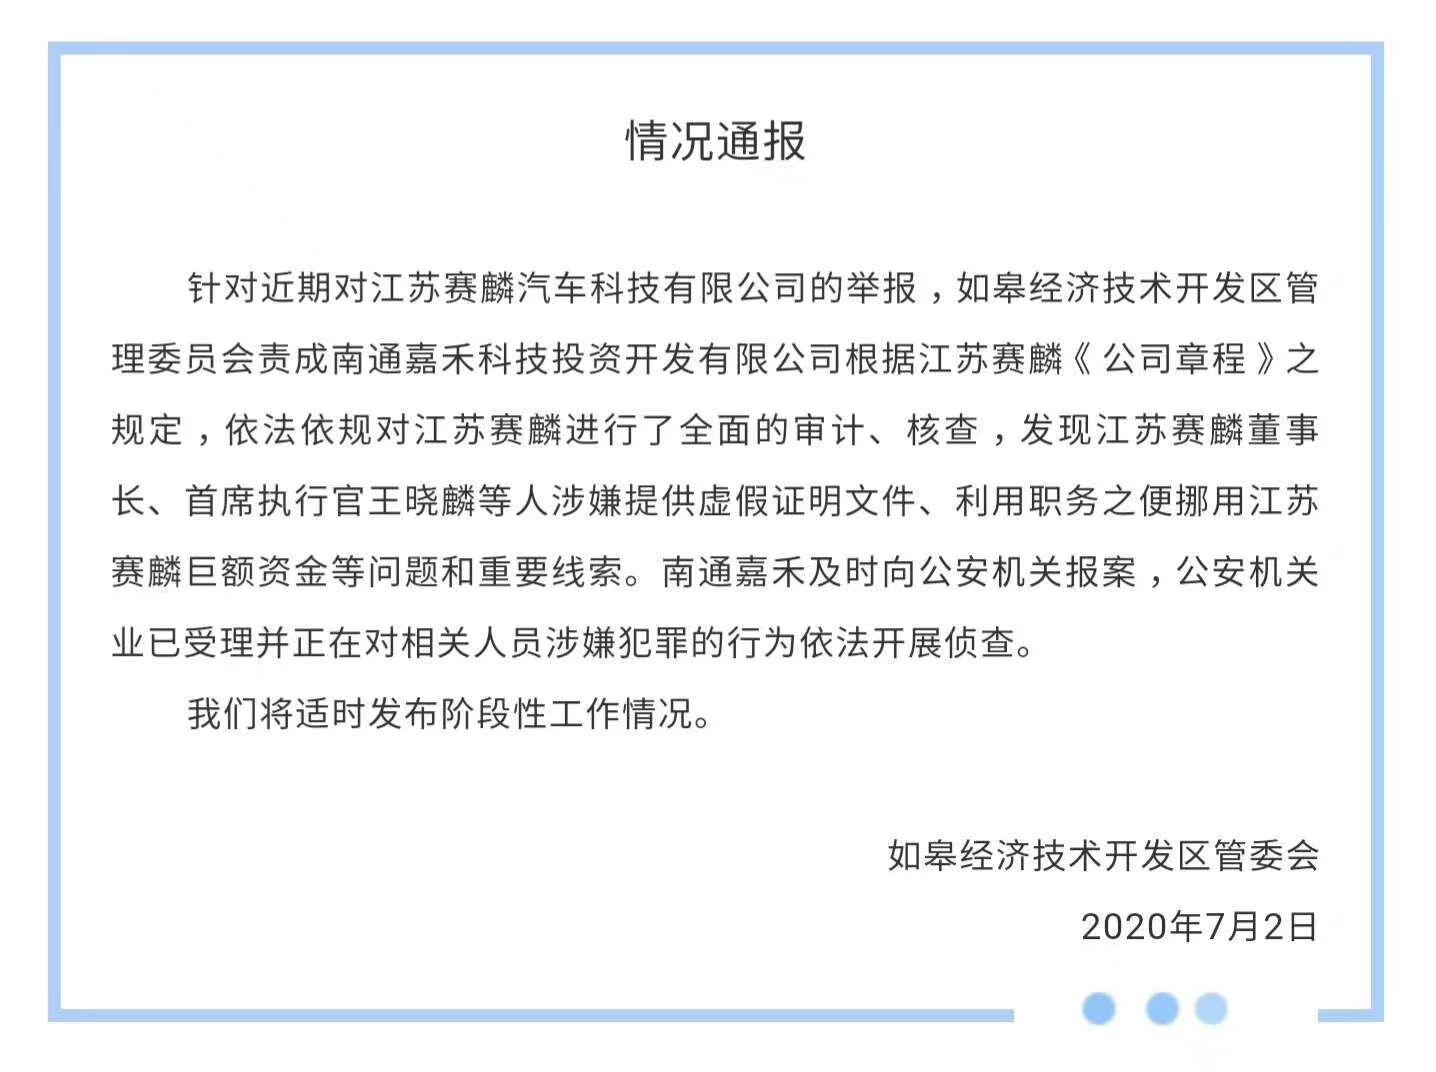 赛麟汽车确认翻车:董事长王晓麟涉嫌犯罪 当地已侦查